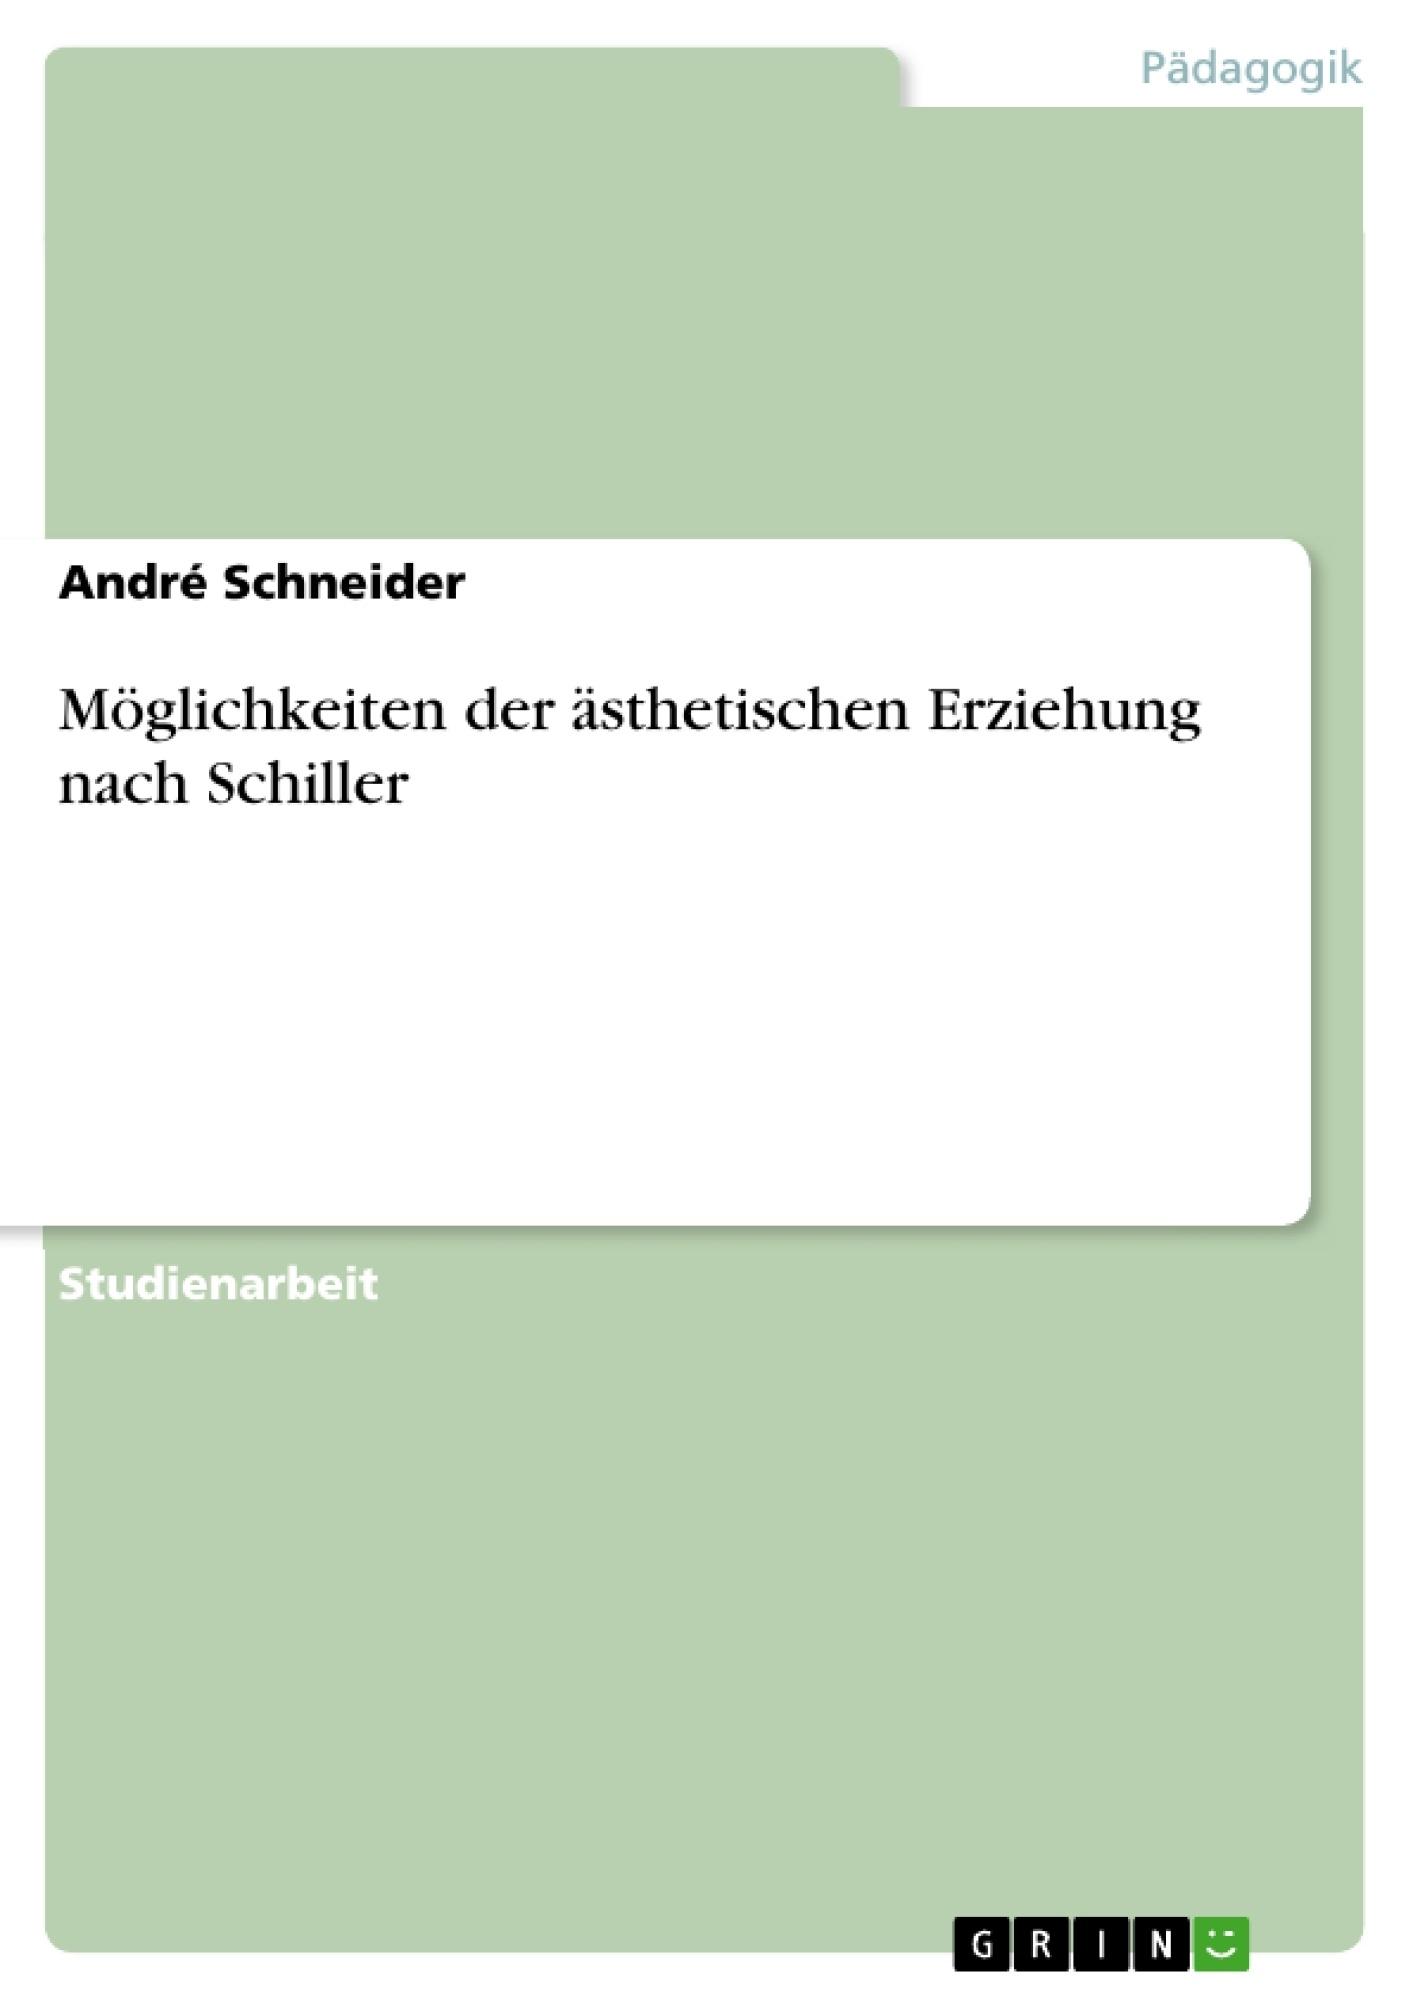 Titel: Möglichkeiten der ästhetischen Erziehung nach Schiller